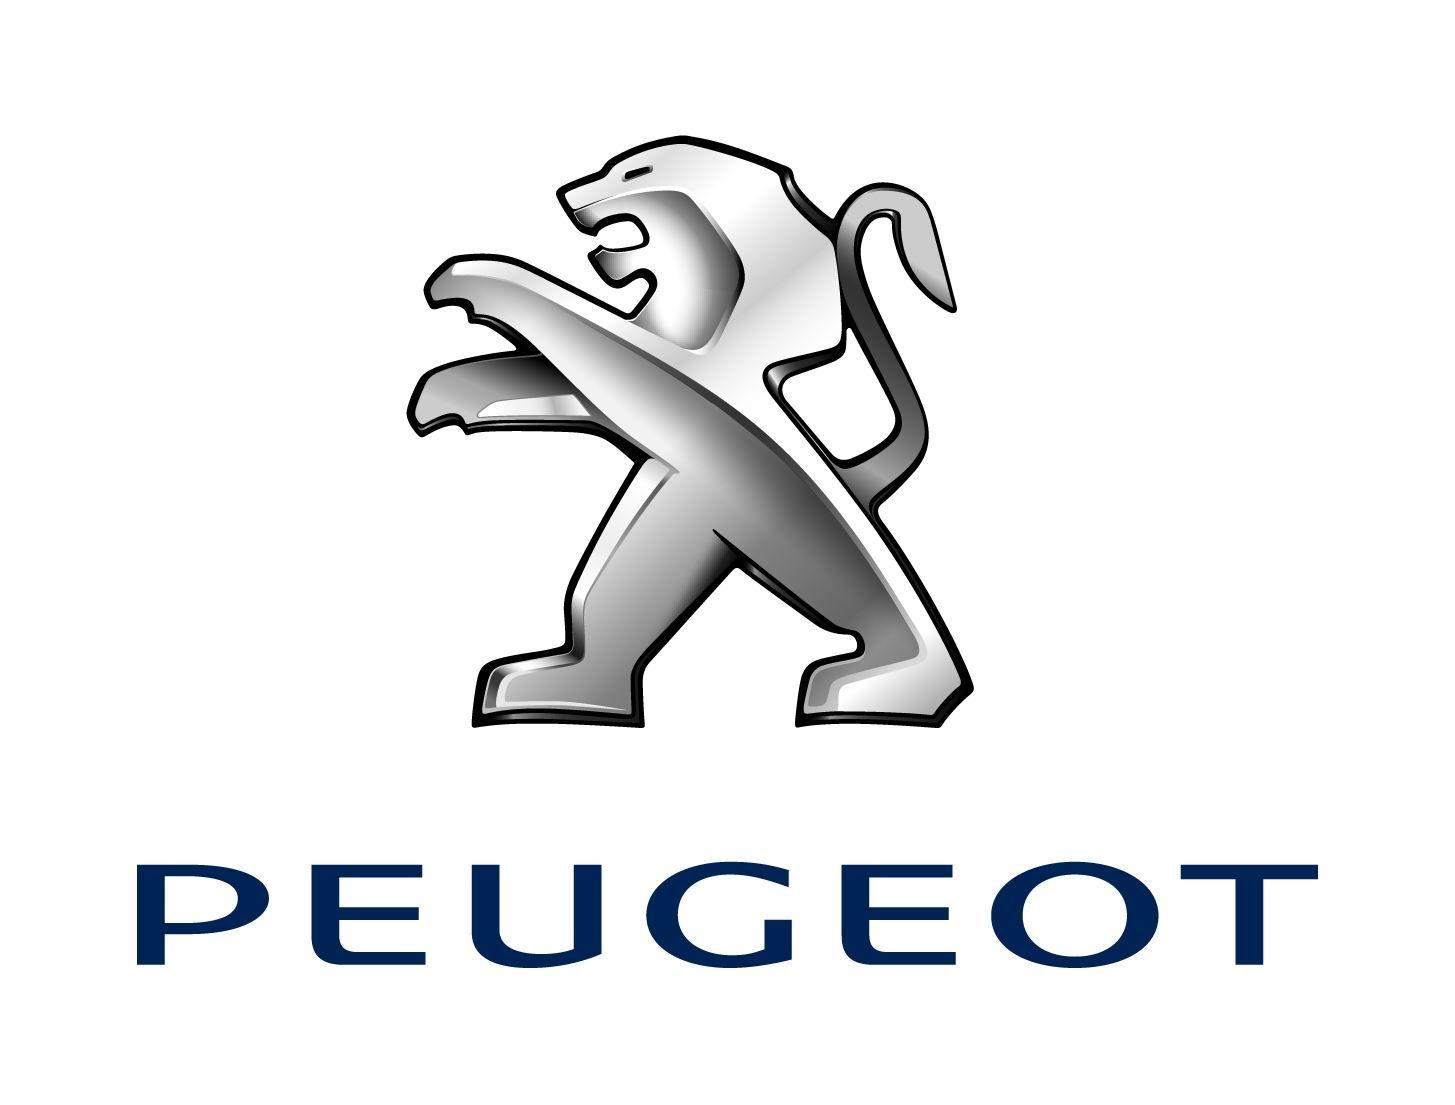 La Peugeot Rally Cup Ibérica arrancará en Vodafone Rally de Portugal y repartirá 120.000 euros en 6 carreras